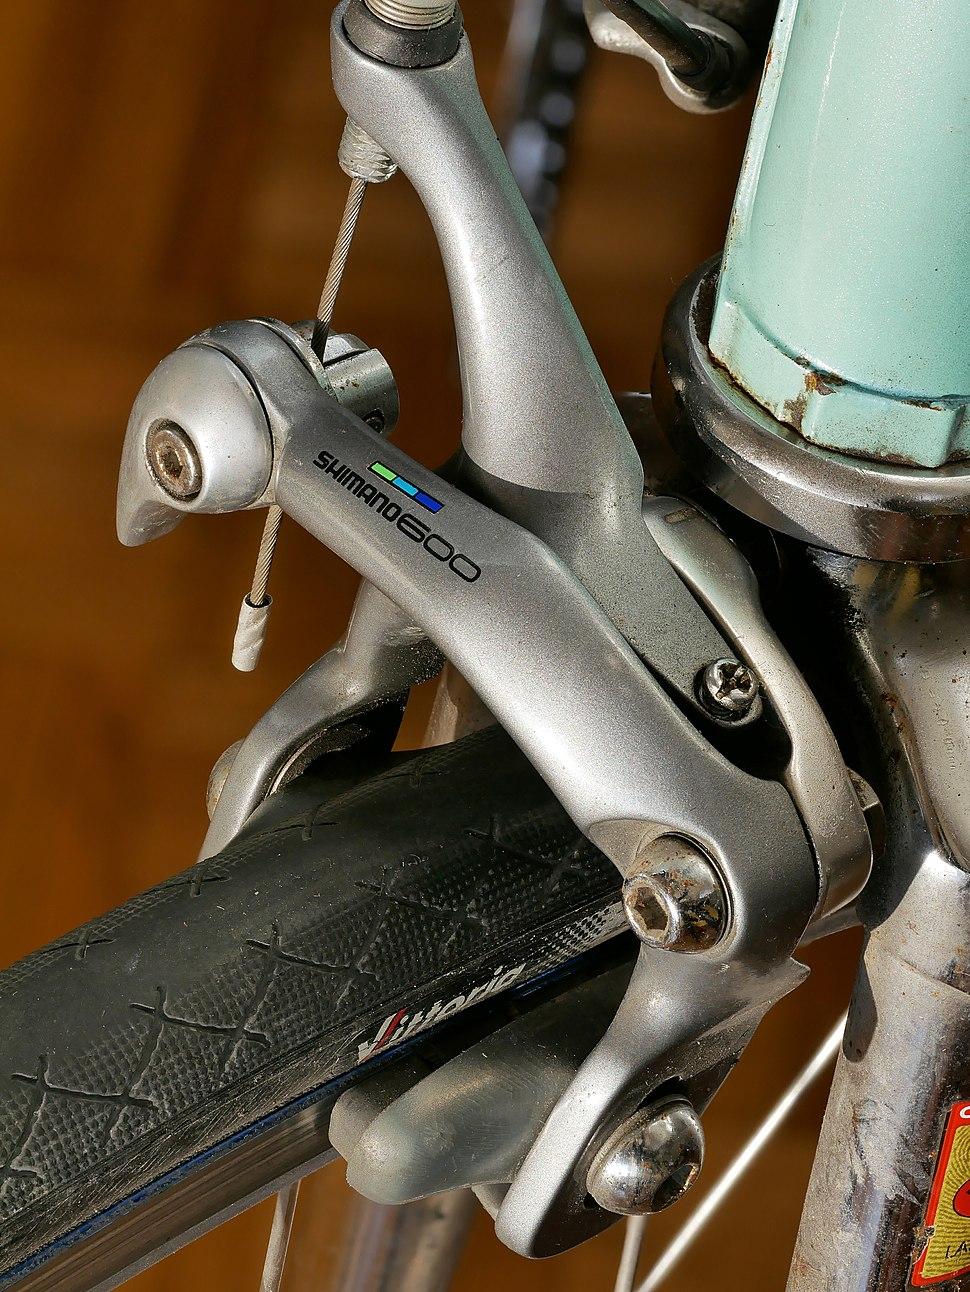 Shimano 600 Tricolor brake caliper (Shimano Ultegra 6400)